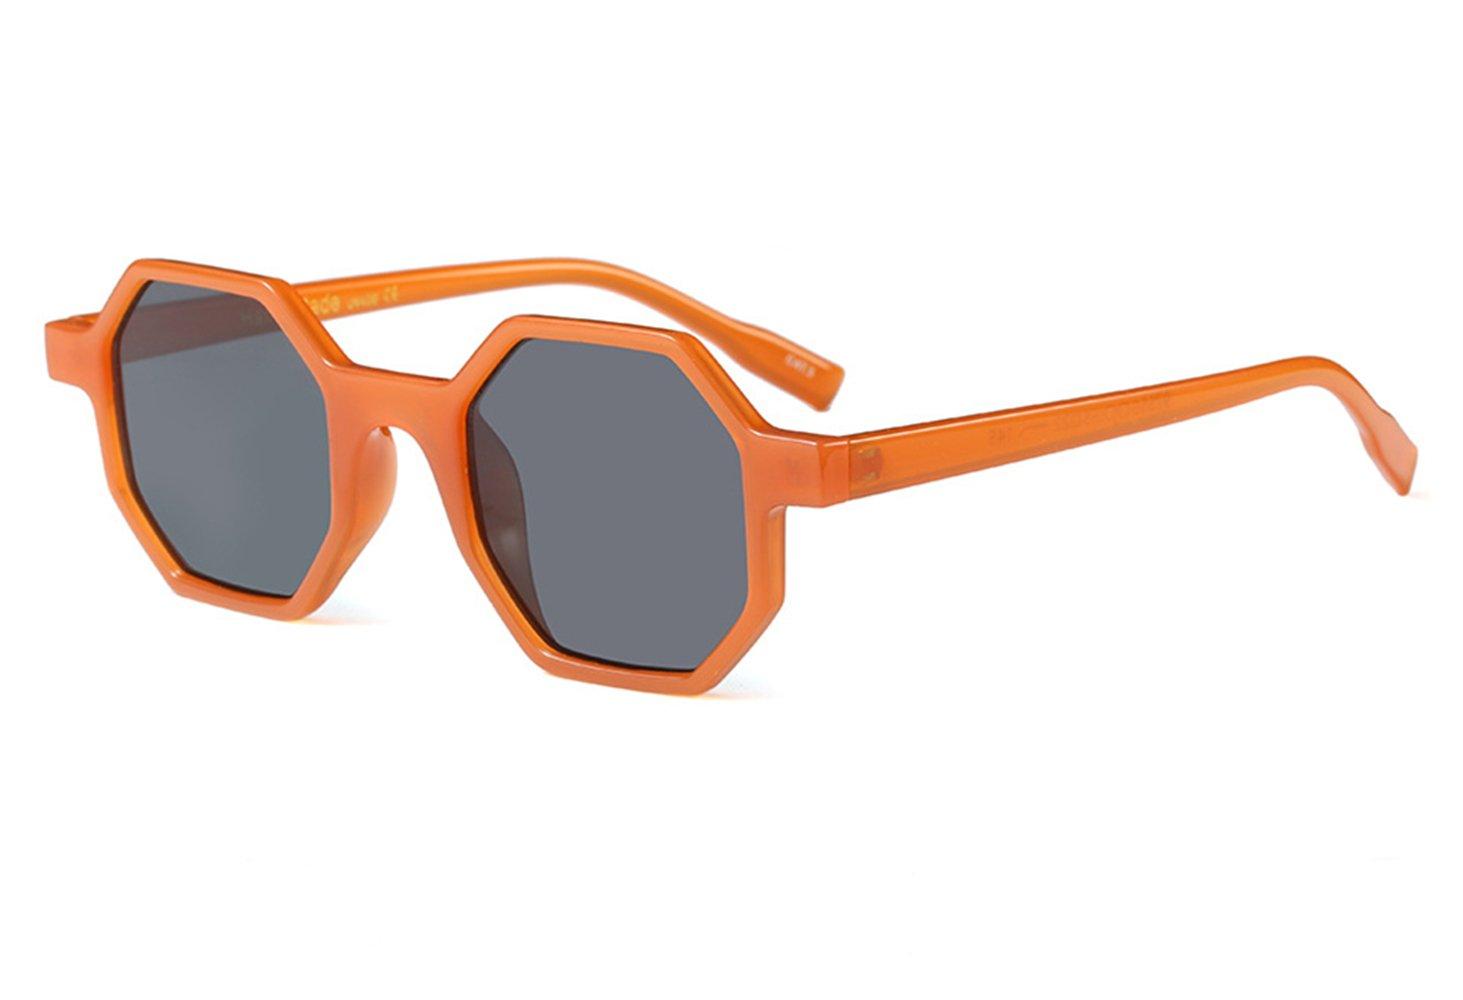 Amazon.com: zhxinashu Hexagon - Gafas de sol para mujer y ...